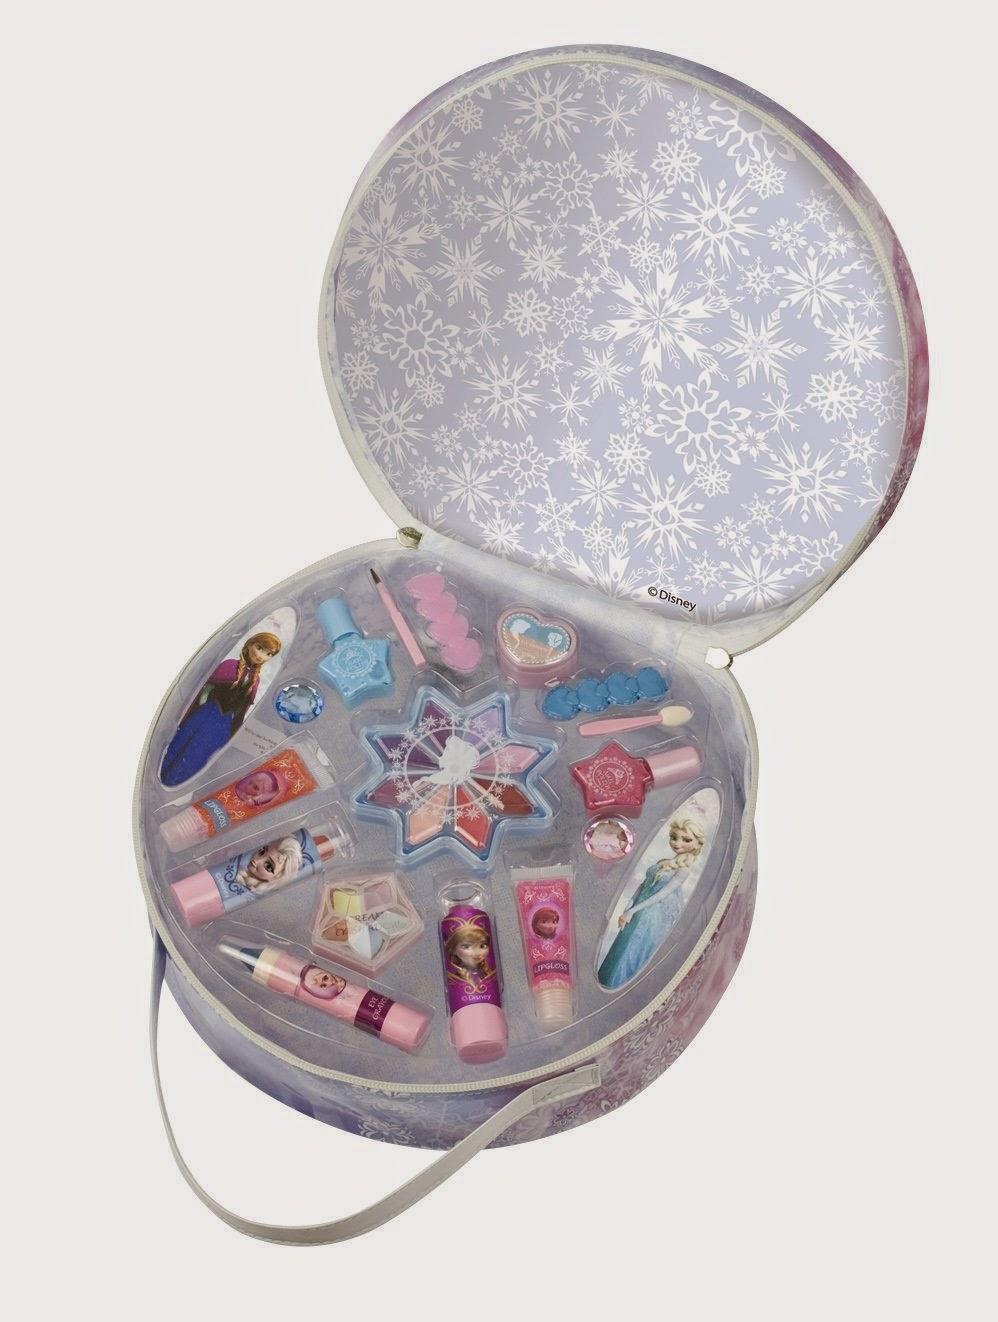 JUGUETES - DISNEY Frozen - Maletín Maquillaje Producto Oficial | Markwins 9499210 | A partir de 6 años